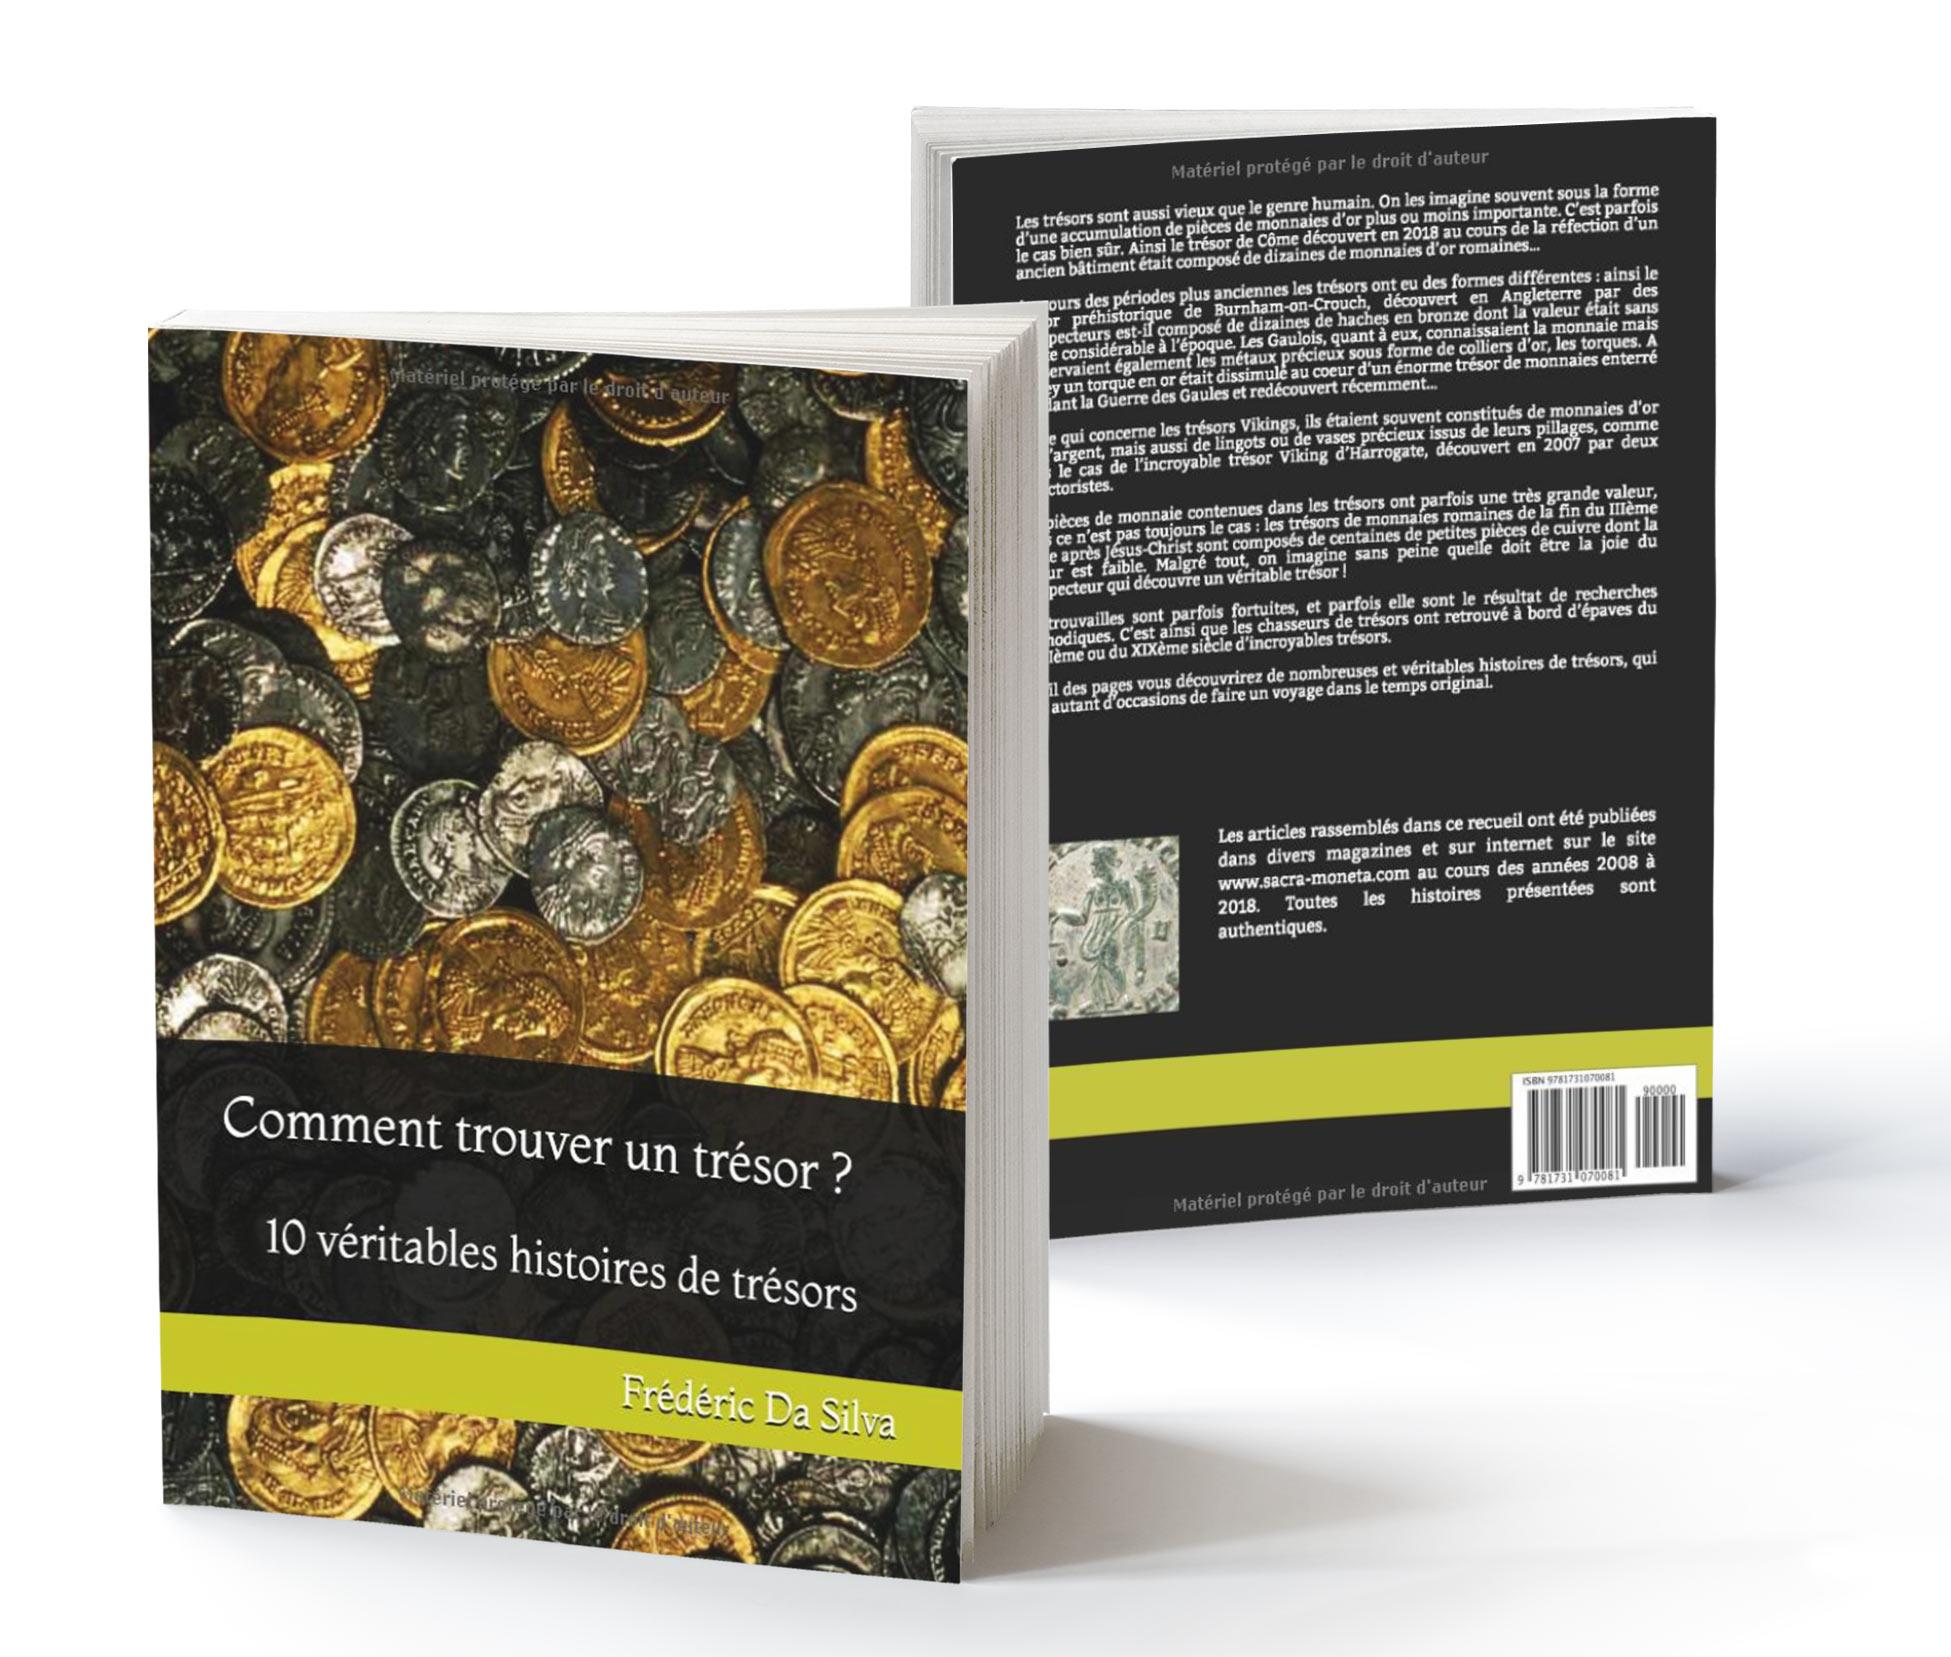 Couverture du livre comment trouver un trésor ? 10 véritables histoires de trésors